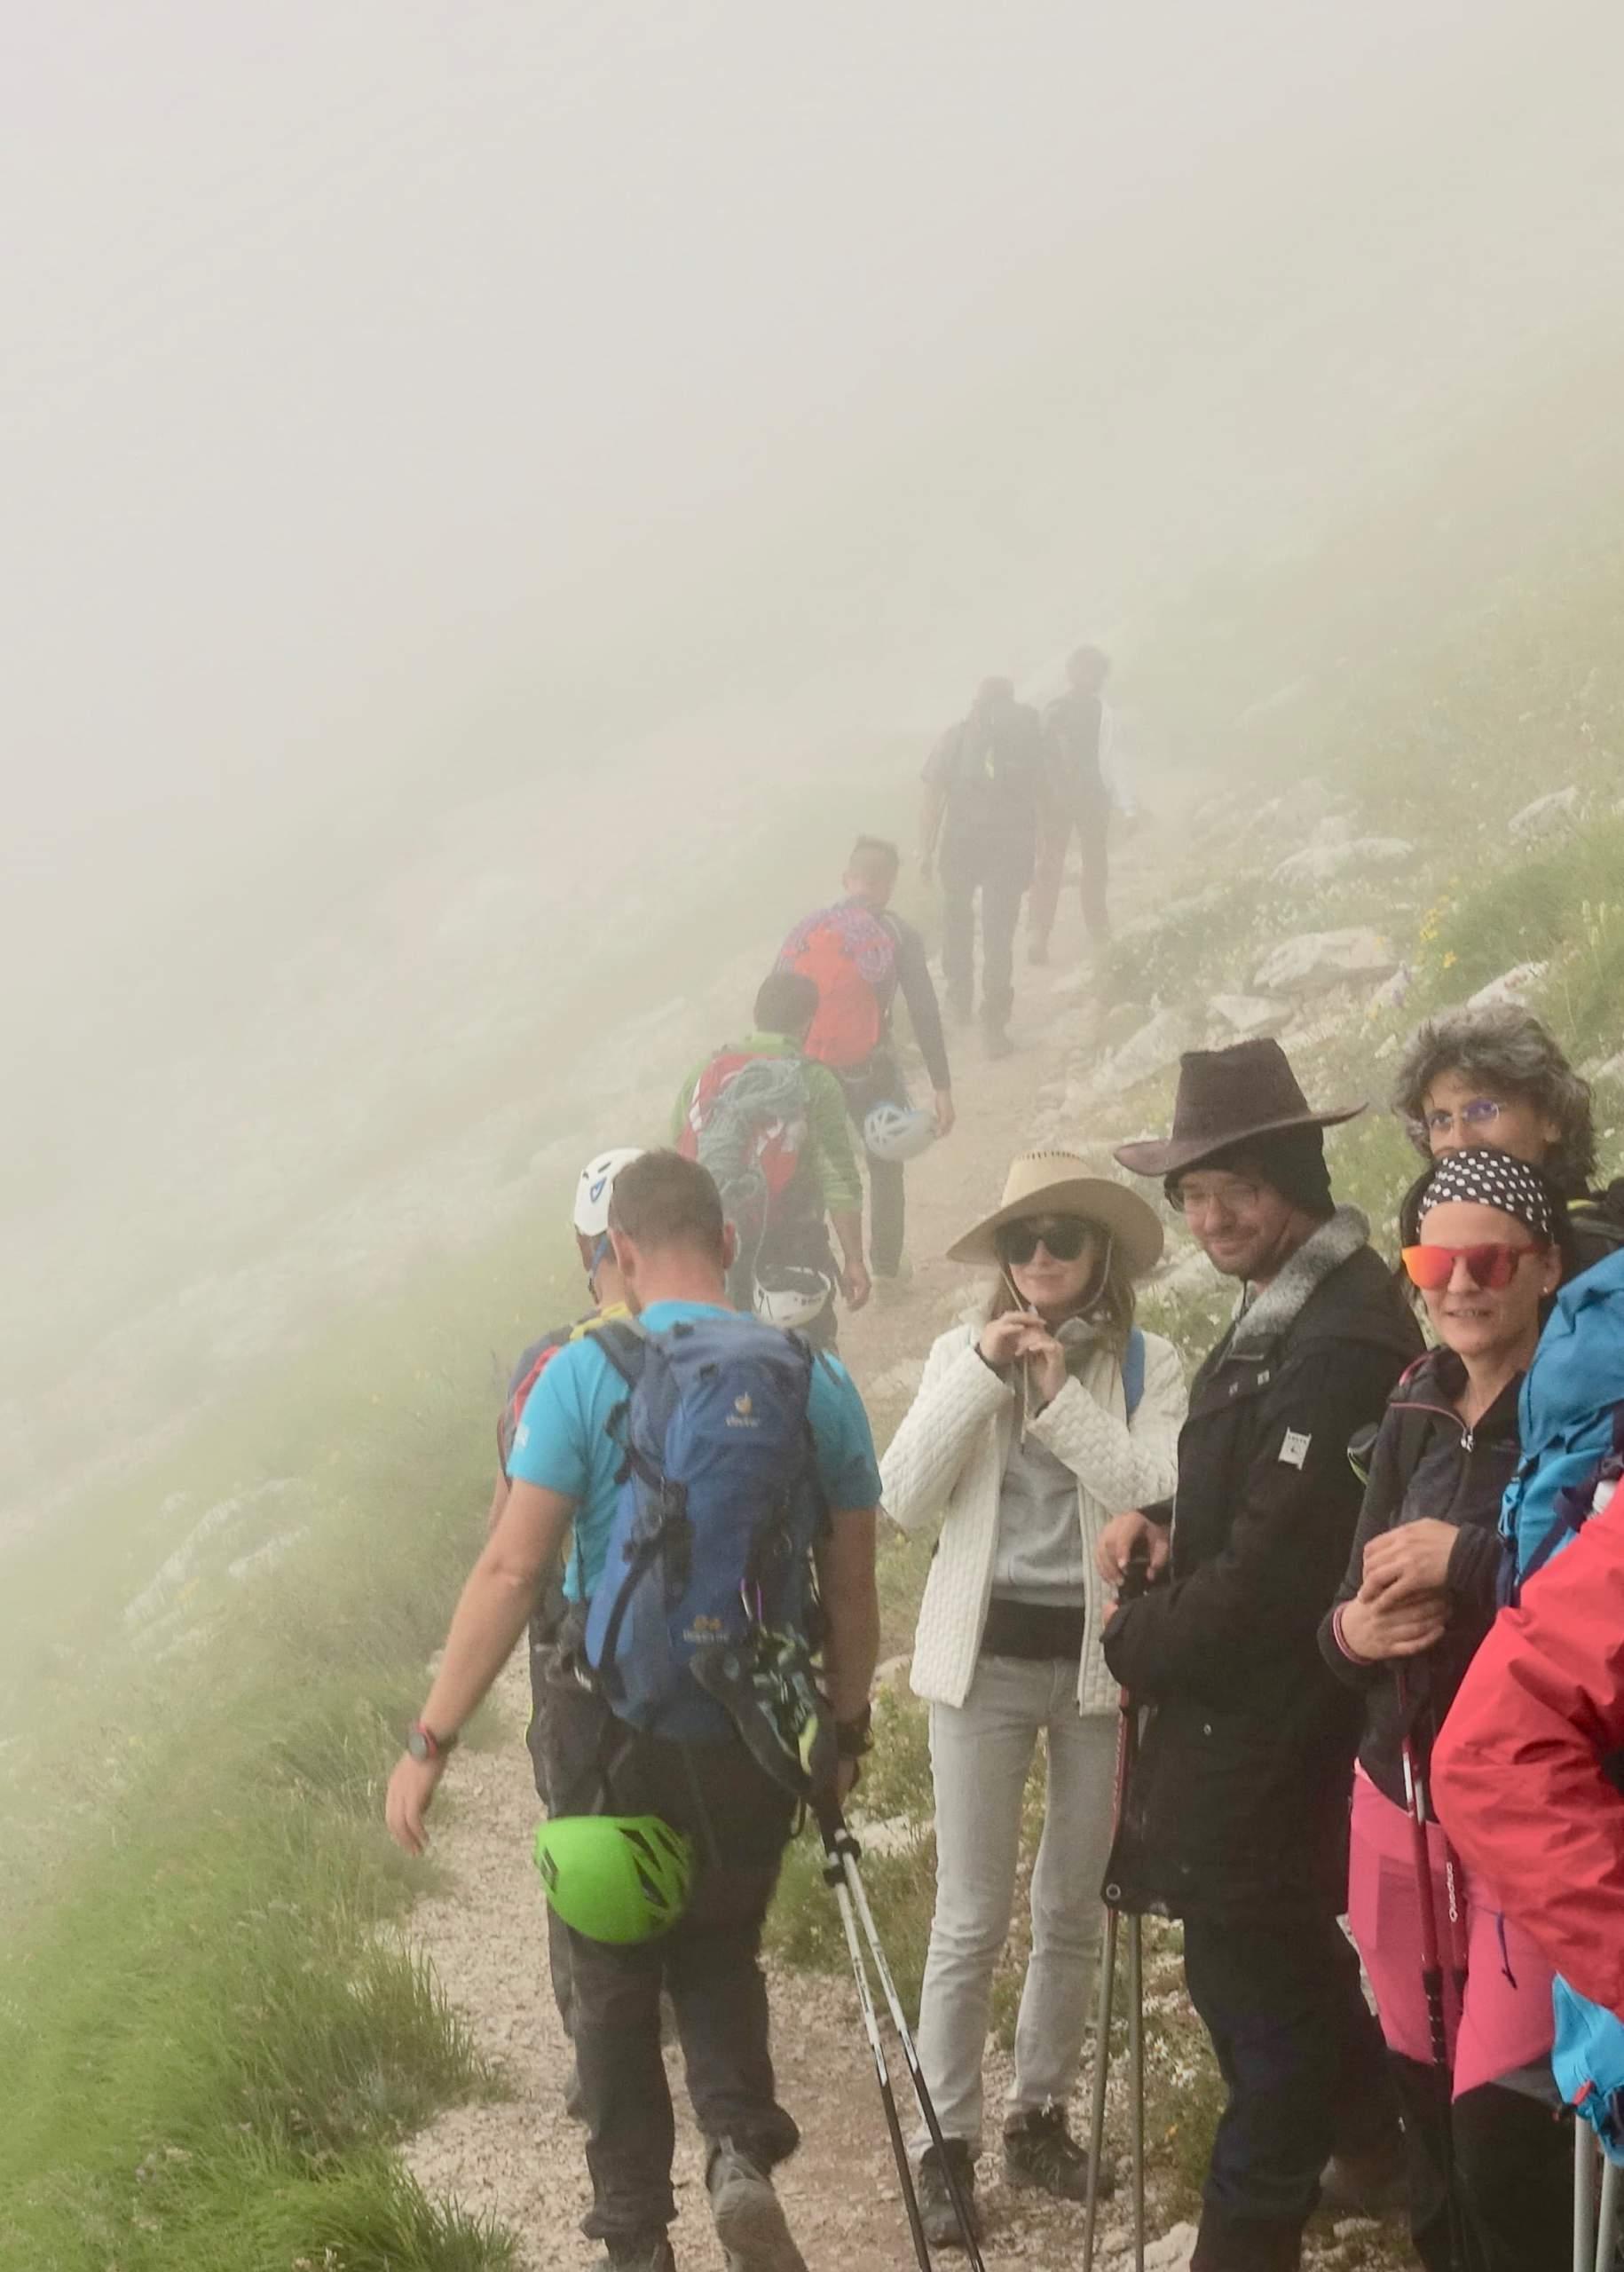 コルノグランデの山頂への登頂を終え、ロープ、ボルダリング用シューズ、ヘルメットなどを抱えて下山する若い男性グループ